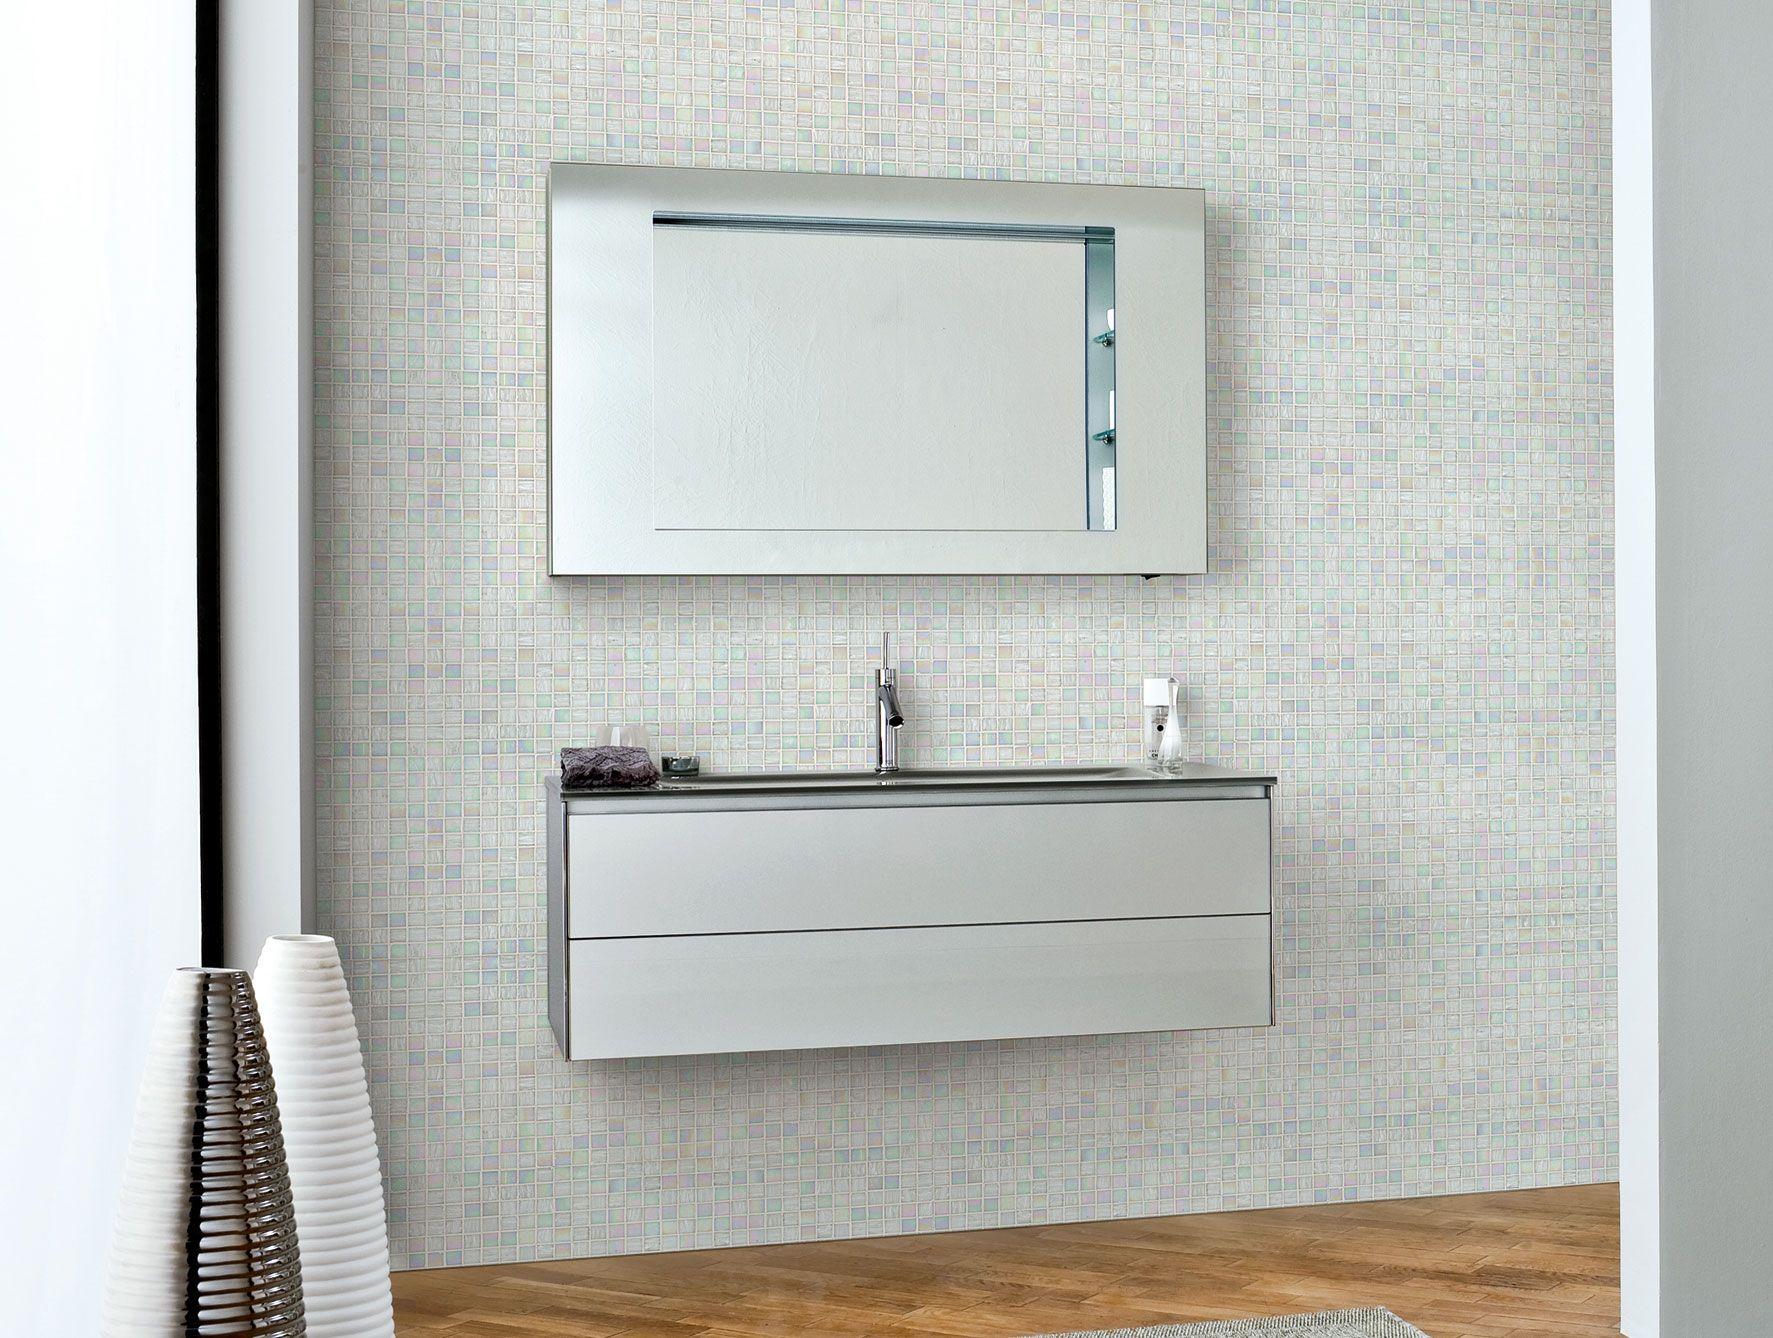 Moderne Badezimmer Design Merkmale Eitelkeit Waschbecken Für